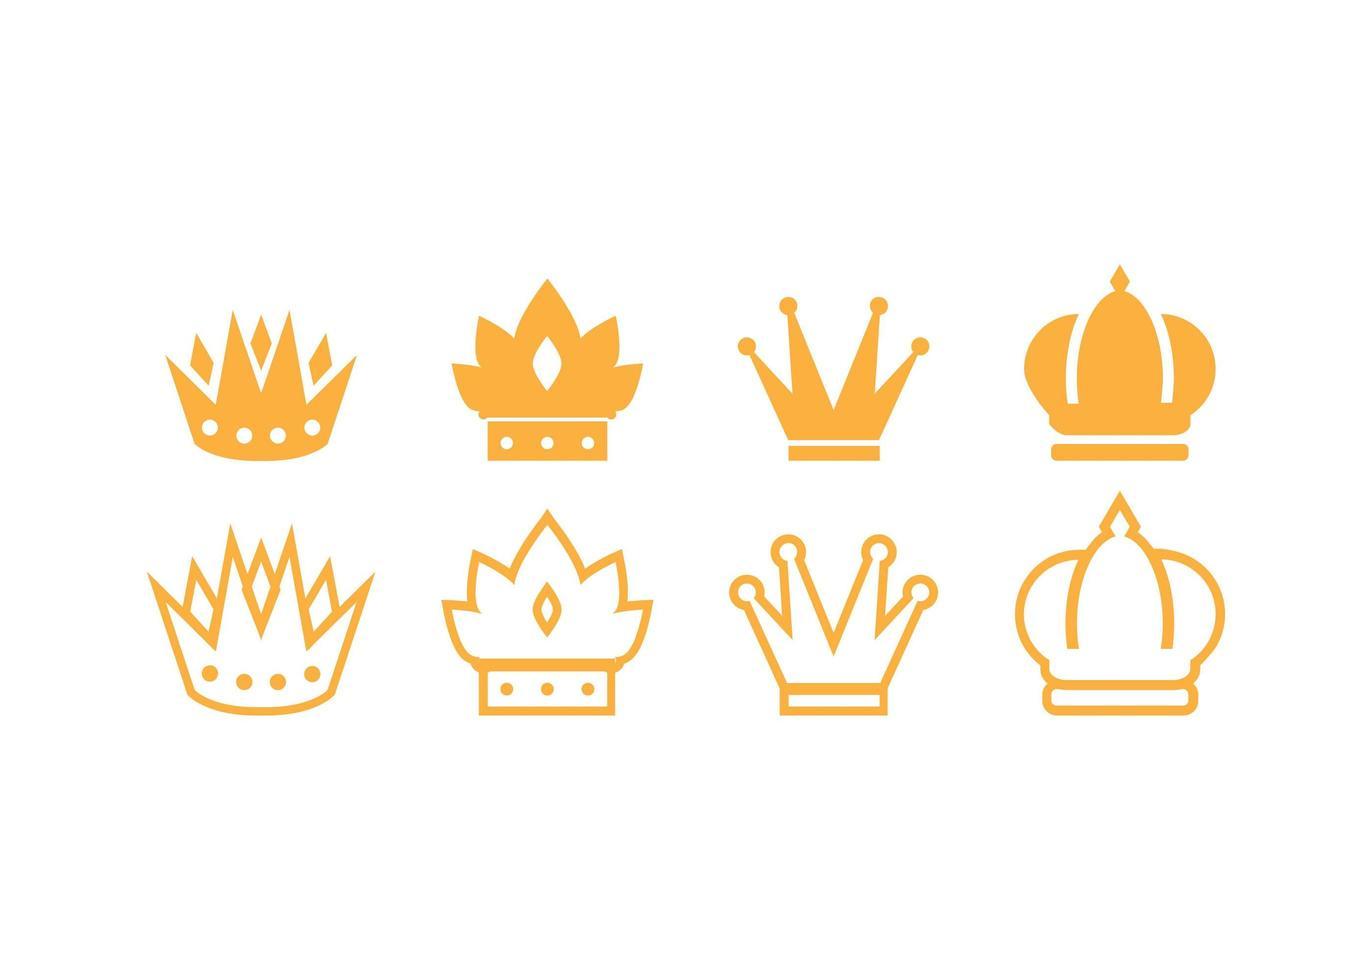 plantilla de diseño de icono de corona vector